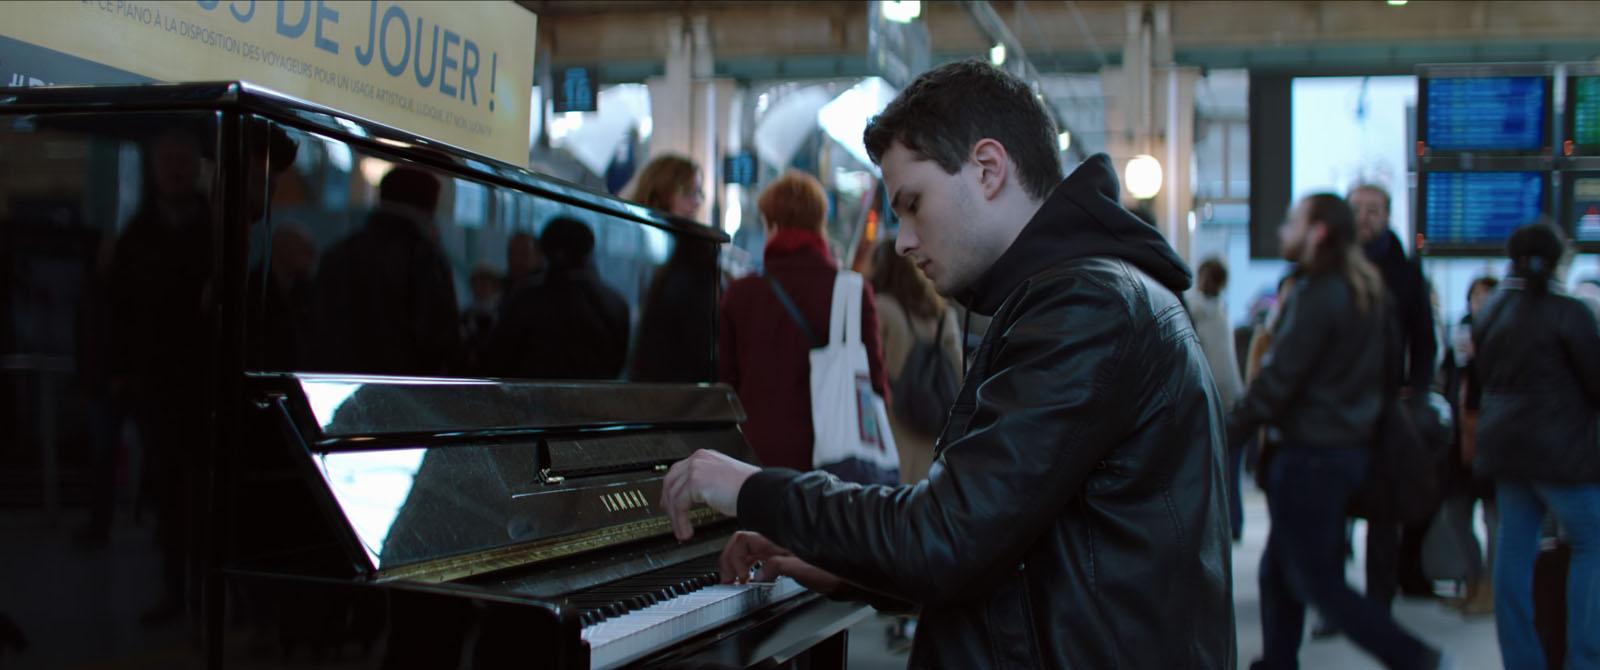 Au bout des doigts photo Jules Benchetrit interiew film